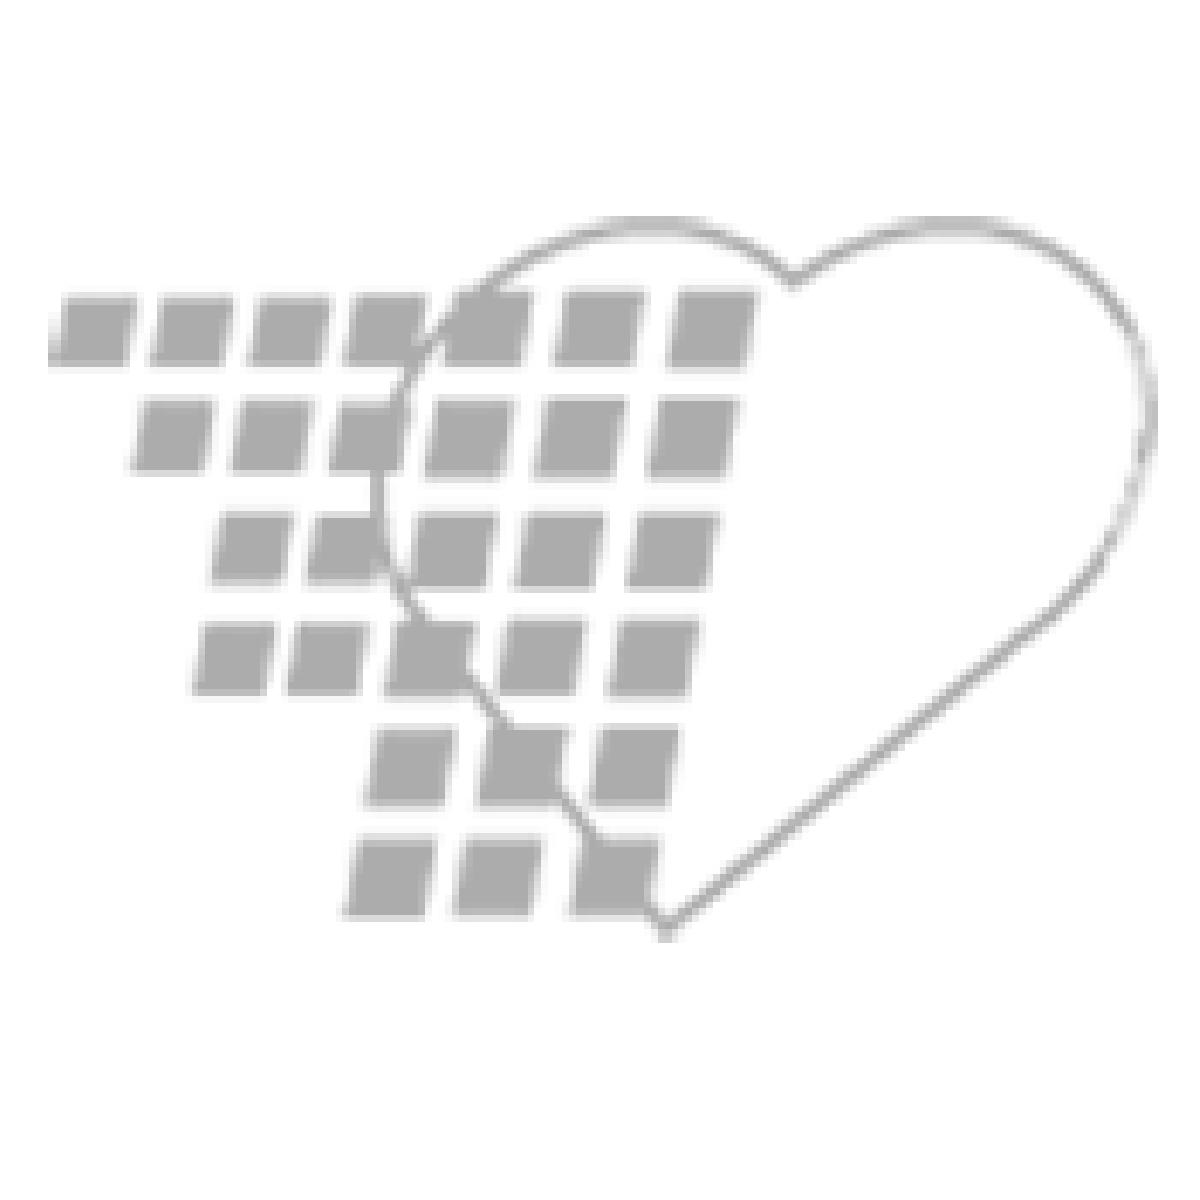 06-93-0306 - Demo Dose® Long Term Erythromycn 250 mg Medication Pack